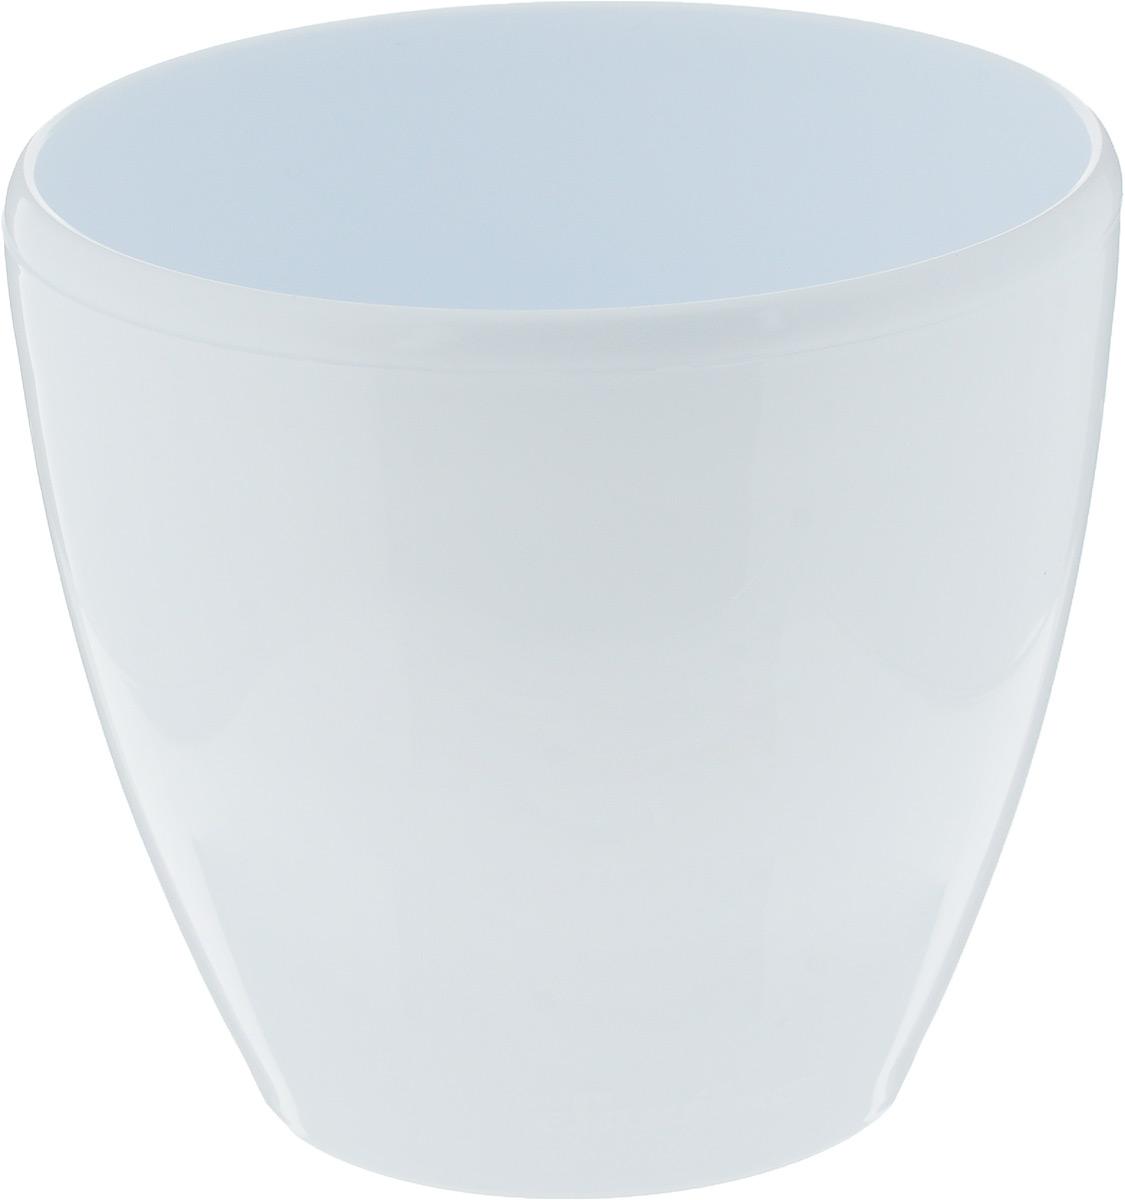 Горшок цветочный Santino Deco Twin, с системой автополива, цвет: белый, 1,5 лДЕК 1,5 БЕЛГоршок цветочный Santino Deco Twin изготовлен из прочного пластика. Изделие предназначено для выращивания цветов и других растений в домашних условиях. Горшок снабжен системой автополива, которая гарантирует здоровье ваших цветов. Автополив значительно экономит время, так как не нужно изо дня в день поливать цветы. Кроме того, цветы всегда будут обеспечены влагой, если вы забыли их полить. Благодаря тому, что вода не застаивается, корни растут здоровыми. Такой горшок порадует вас изысканным дизайном и функциональностью, а также оригинально украсит интерьер помещения. Диаметр горшка (по верхнему краю): 14 см. Высота горшка: 12,5 см. Объем горшка: 1,5 л.